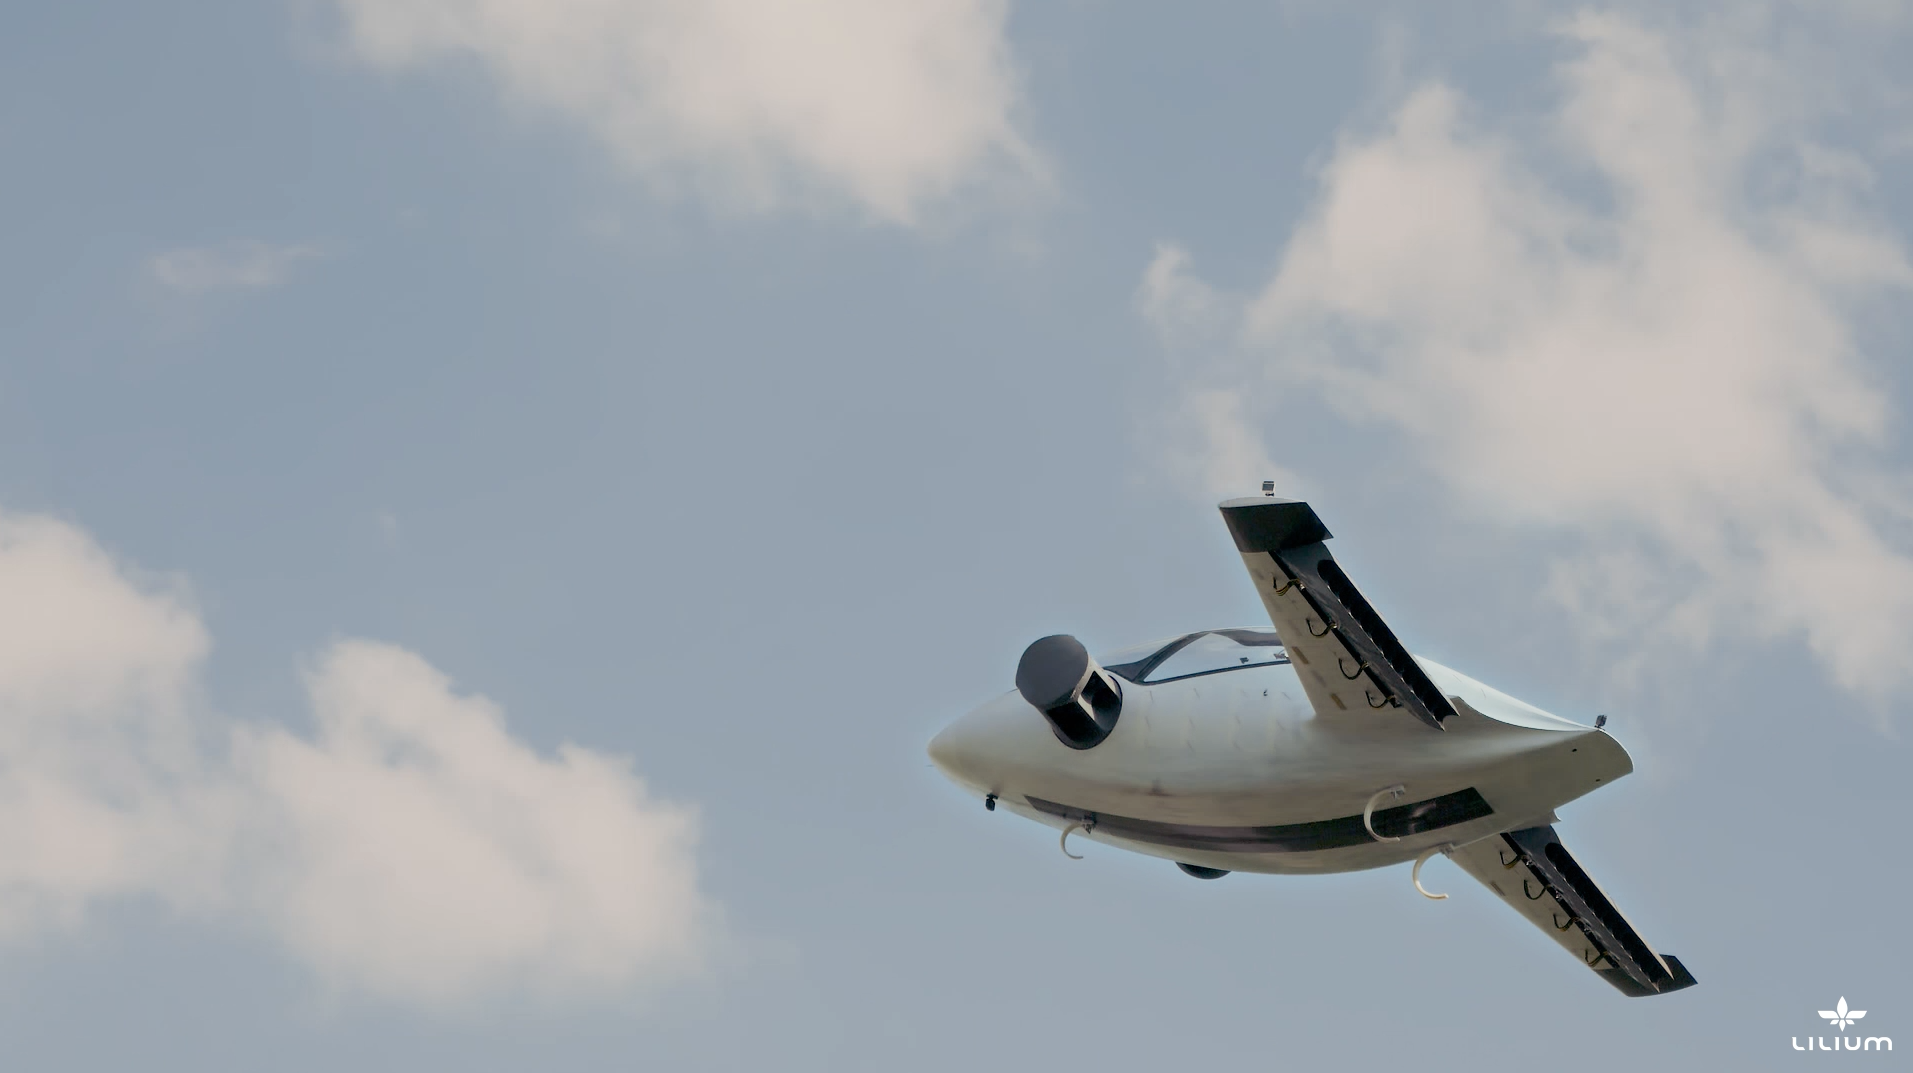 Lilium Jet prilikom ubrzanja u letu